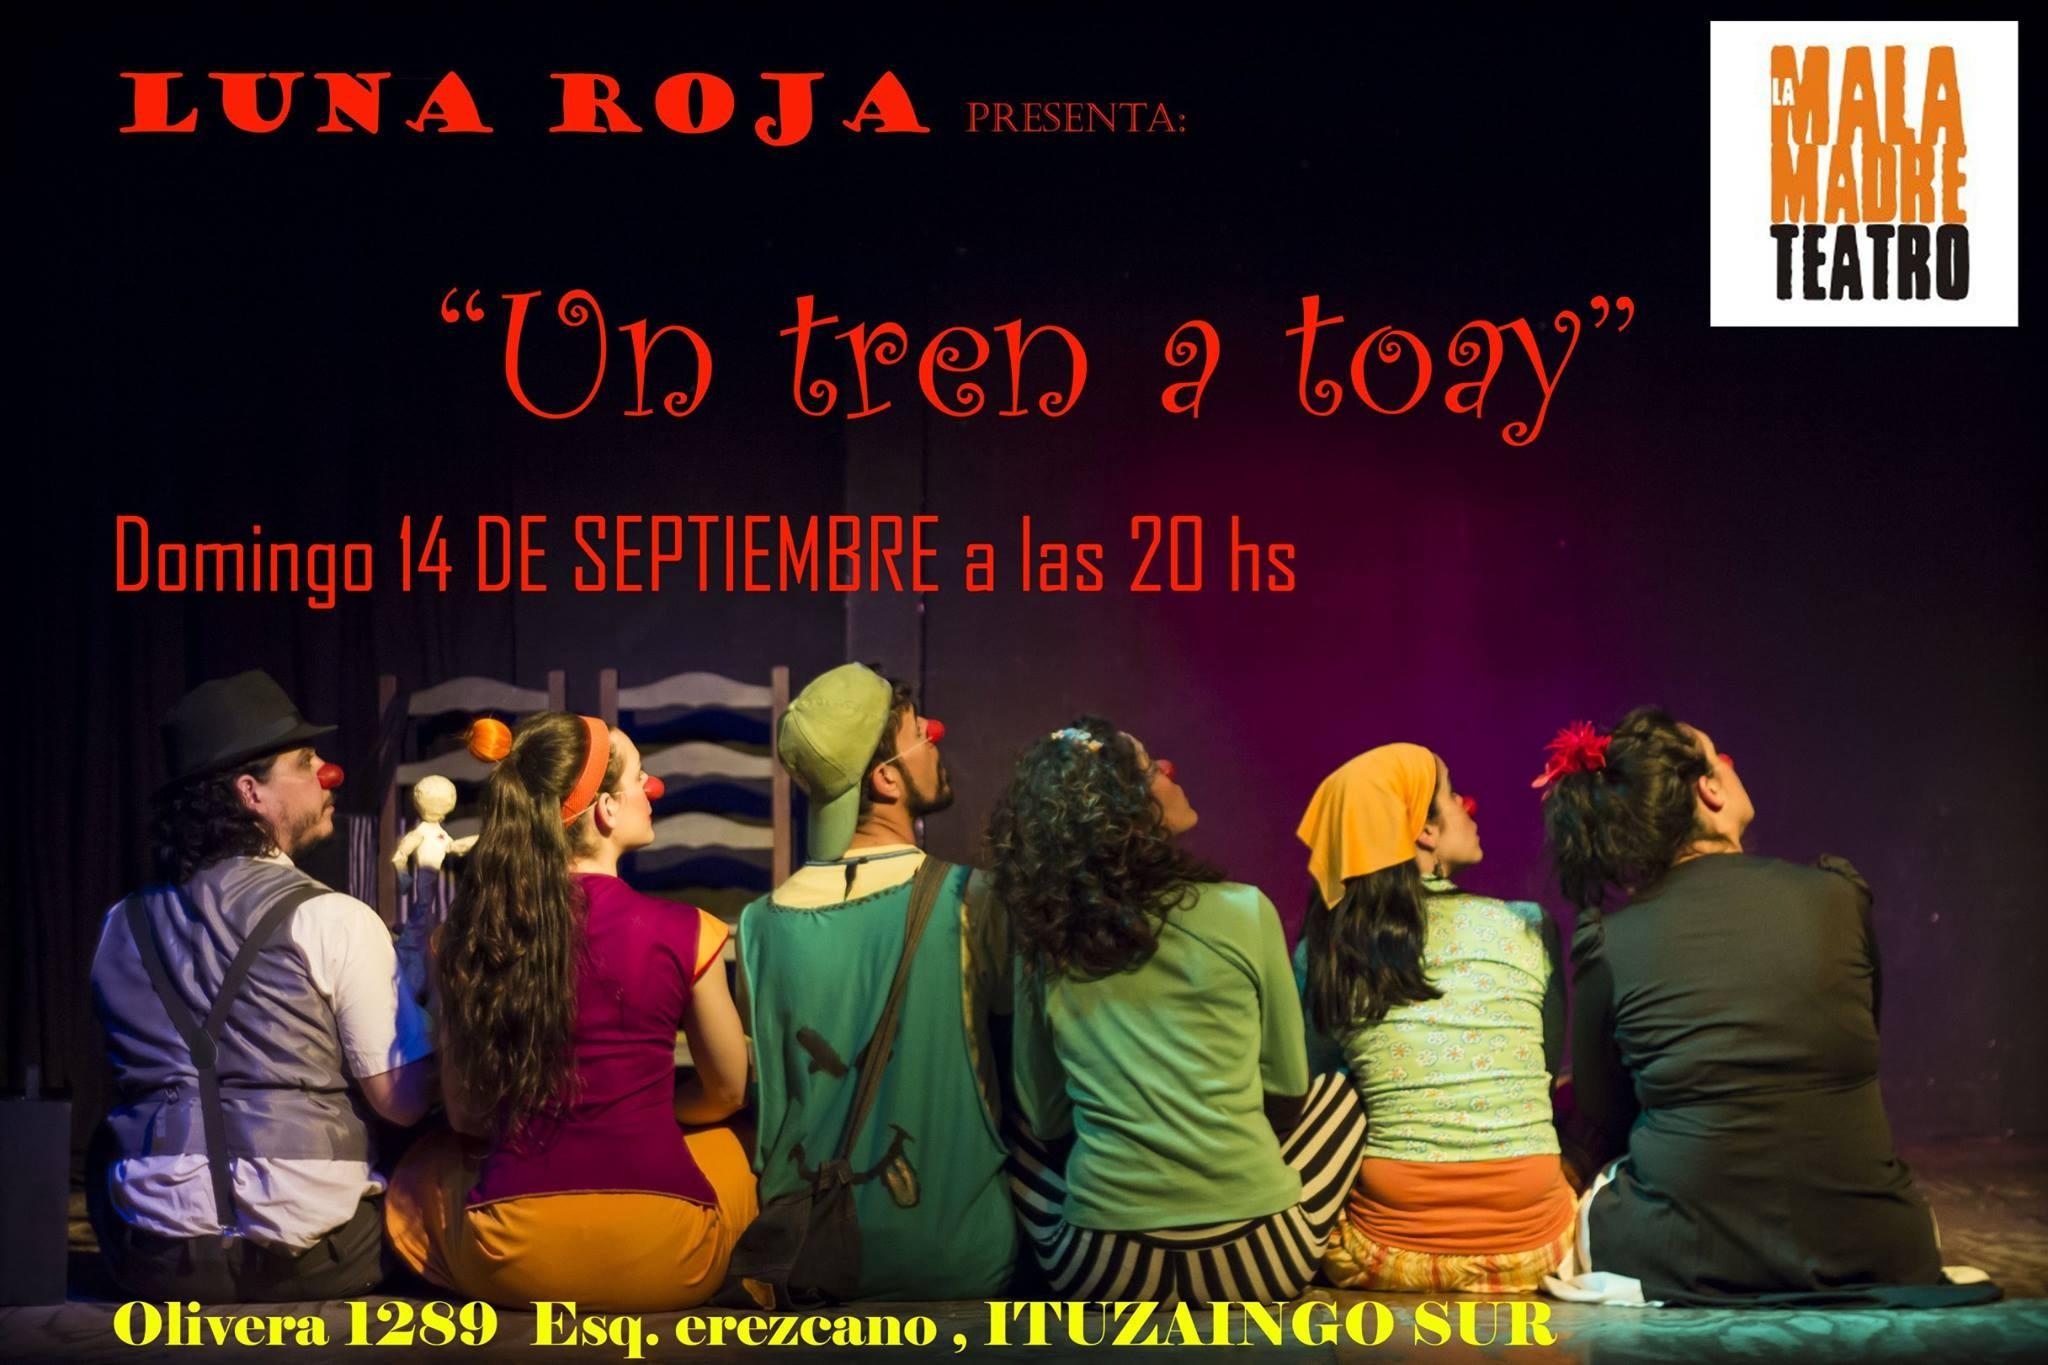 flyer domingo 14 de septiembre